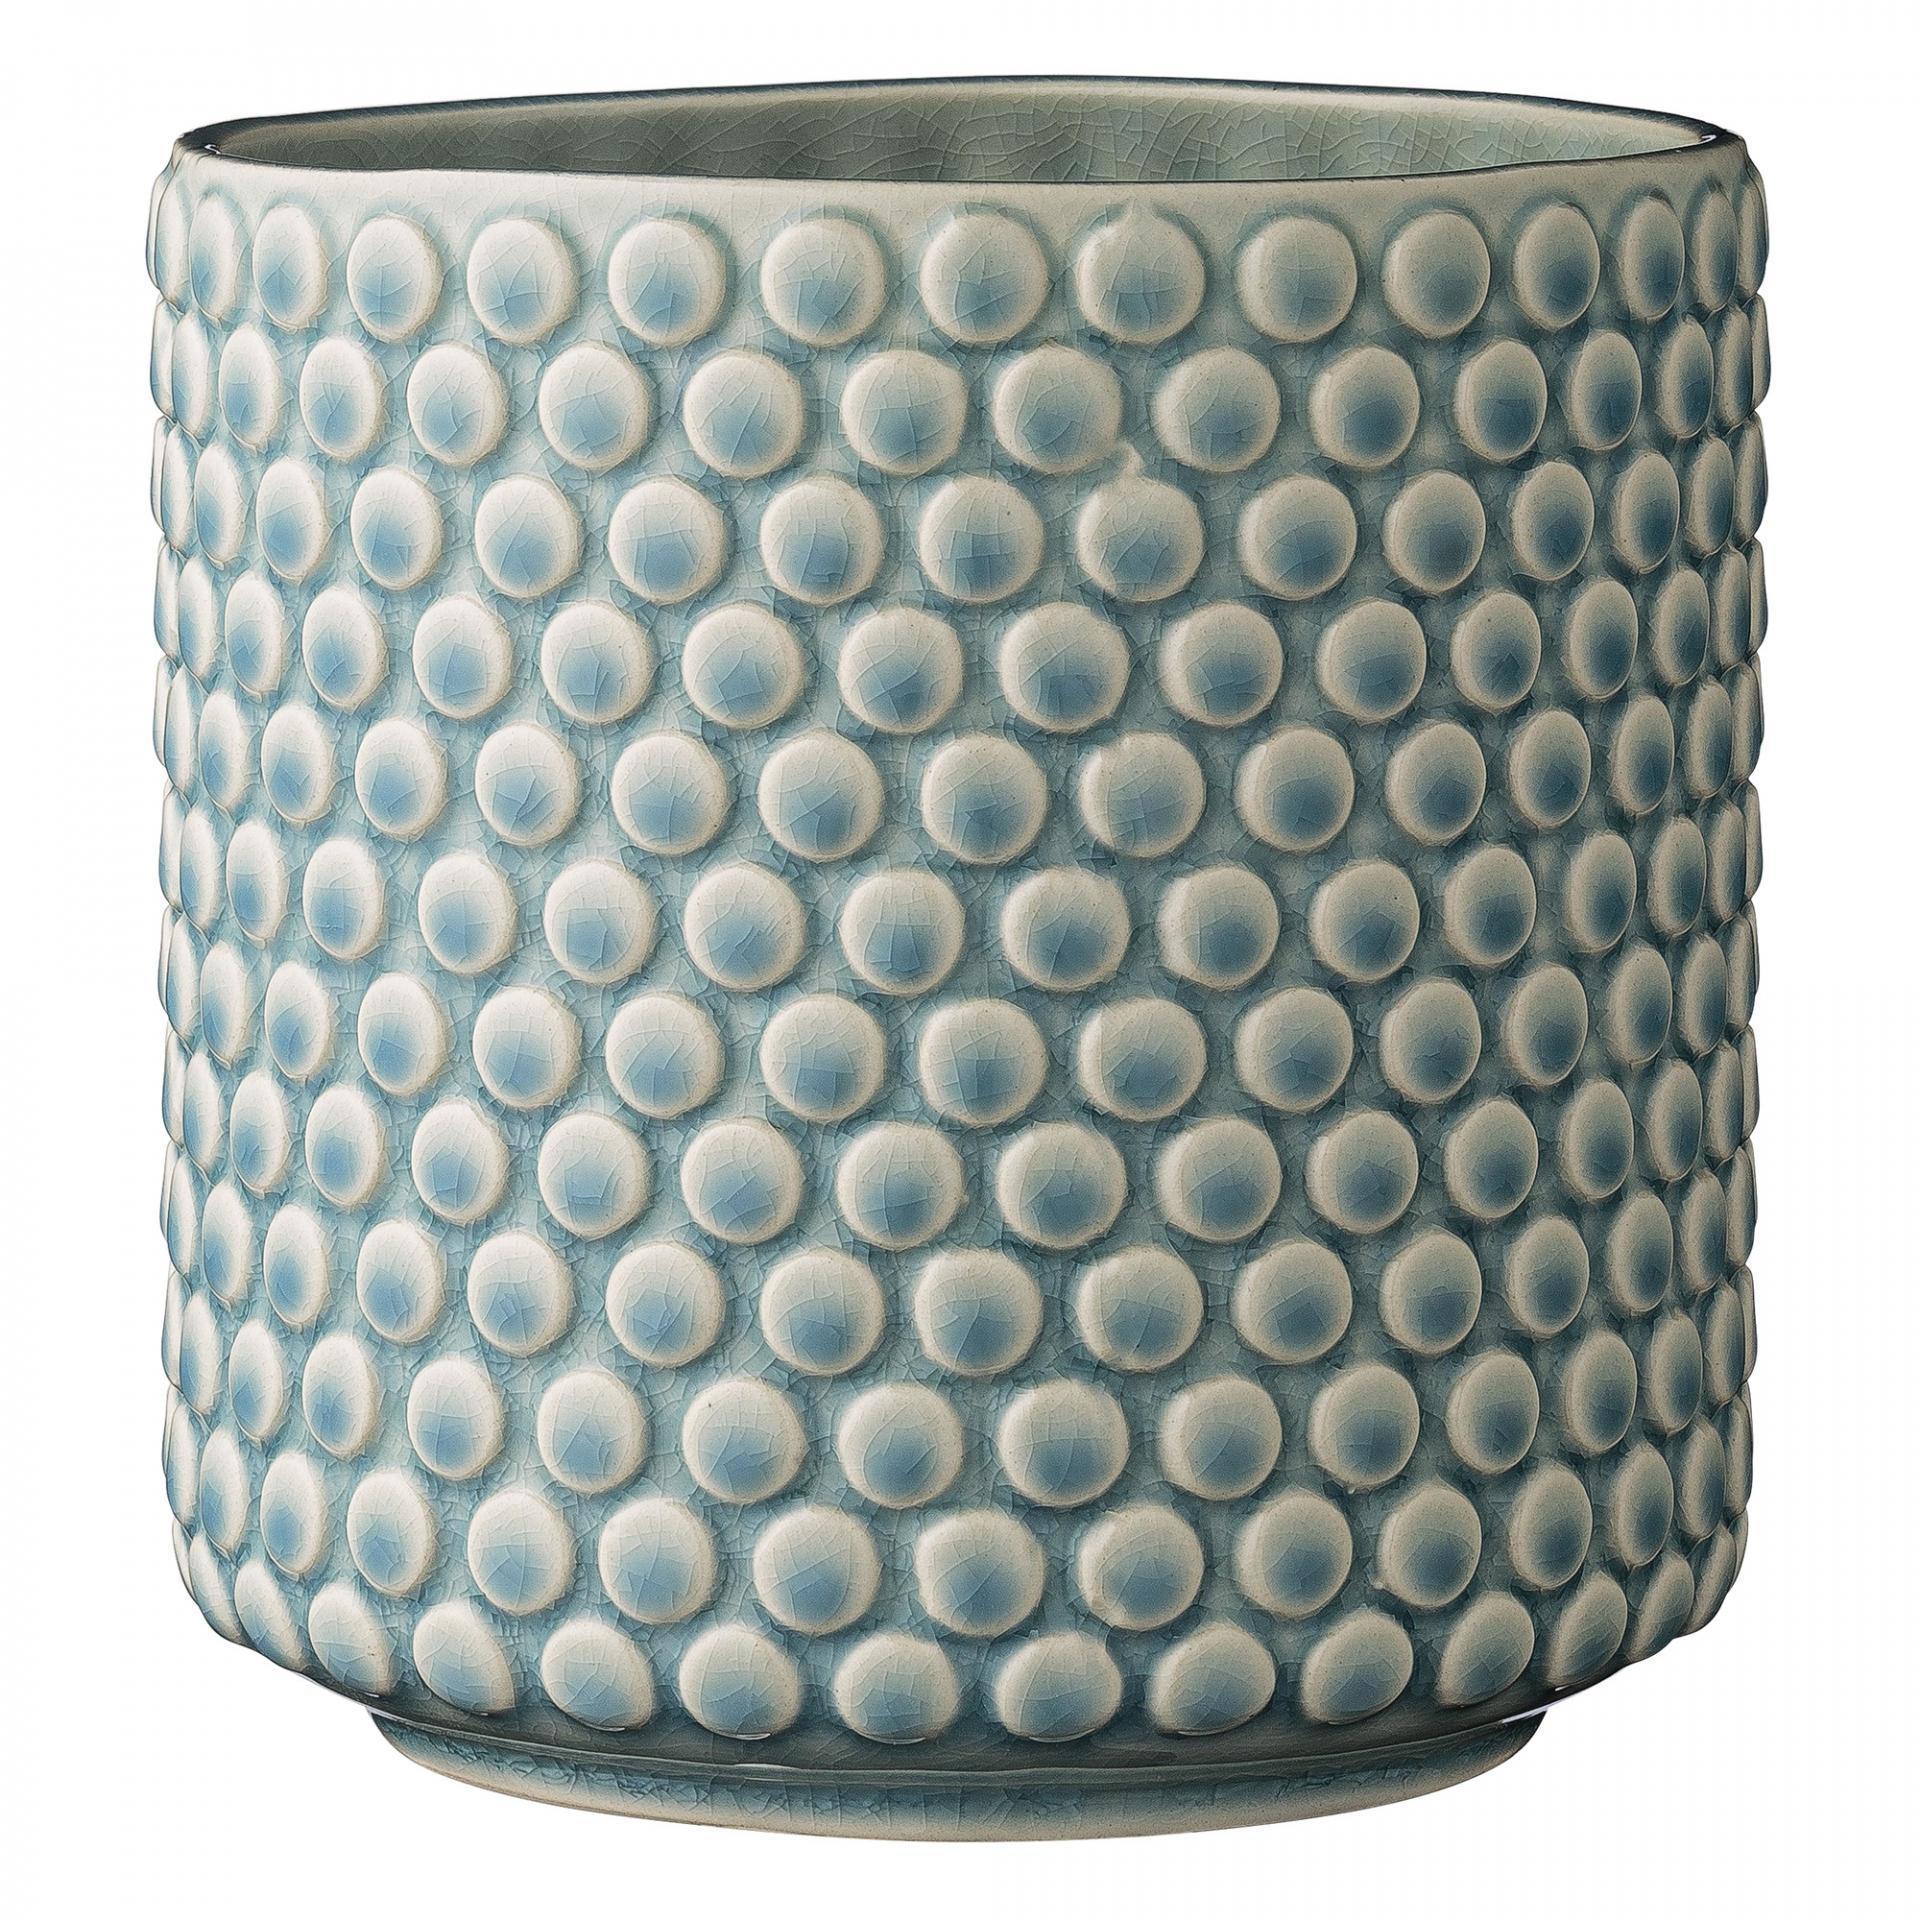 Bloomingville Keramický květník Bubble Blue, modrá barva, keramika